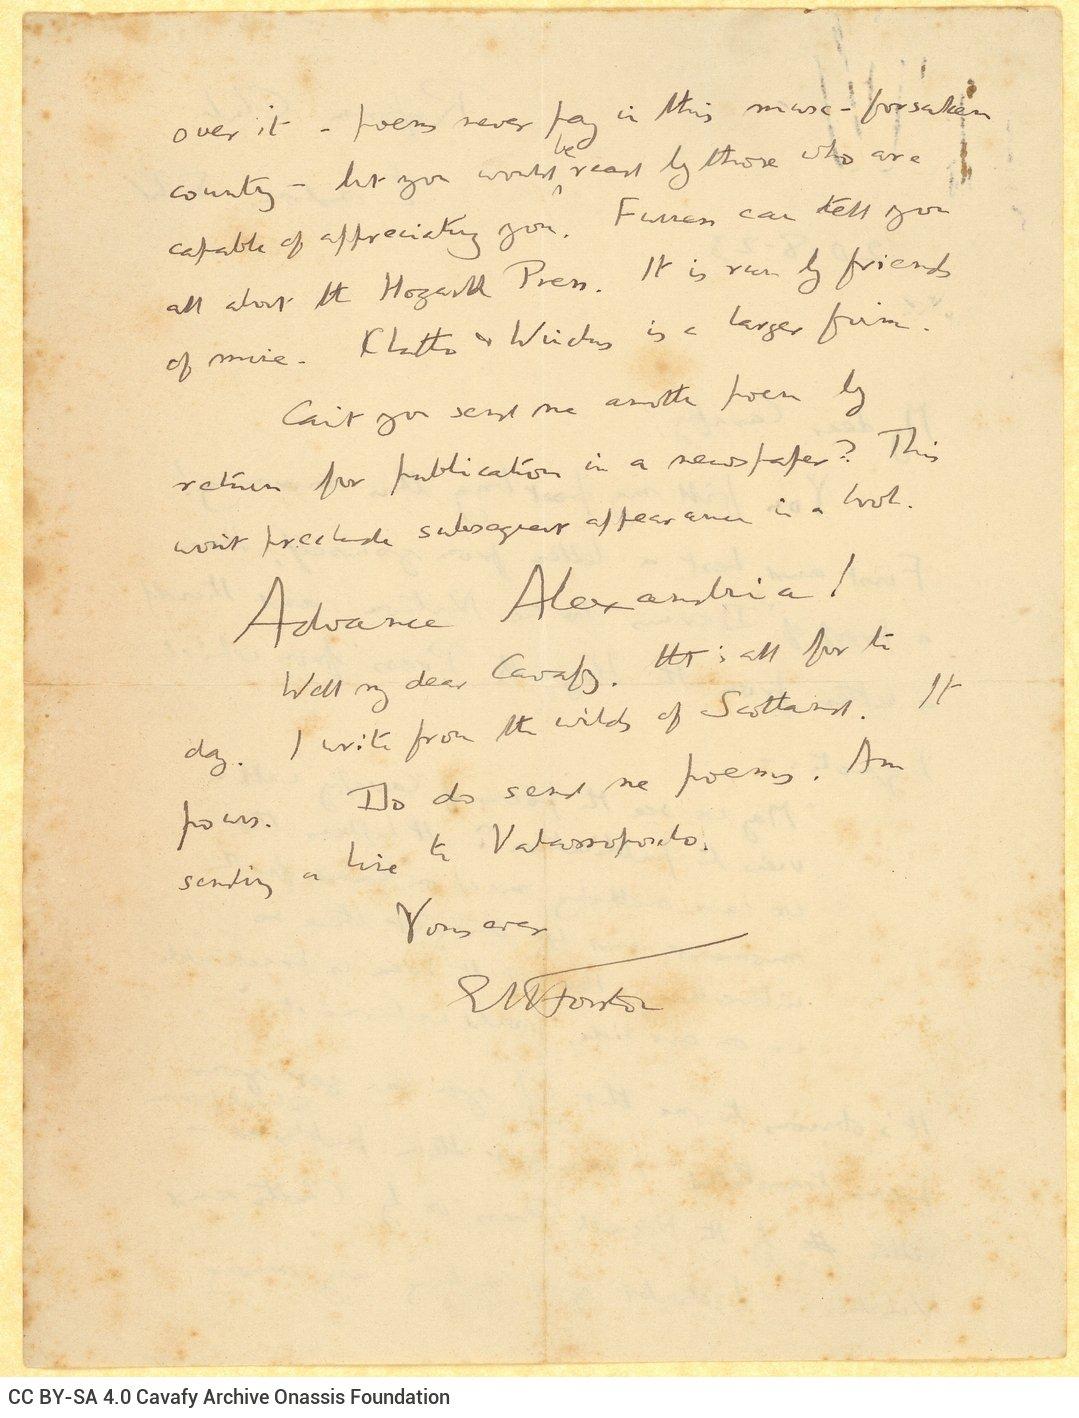 Χειρόγραφη επιστολή του Ε. Μ. Φόρστερ (E. M. Forster) προς τον Καβάφη, στις δ